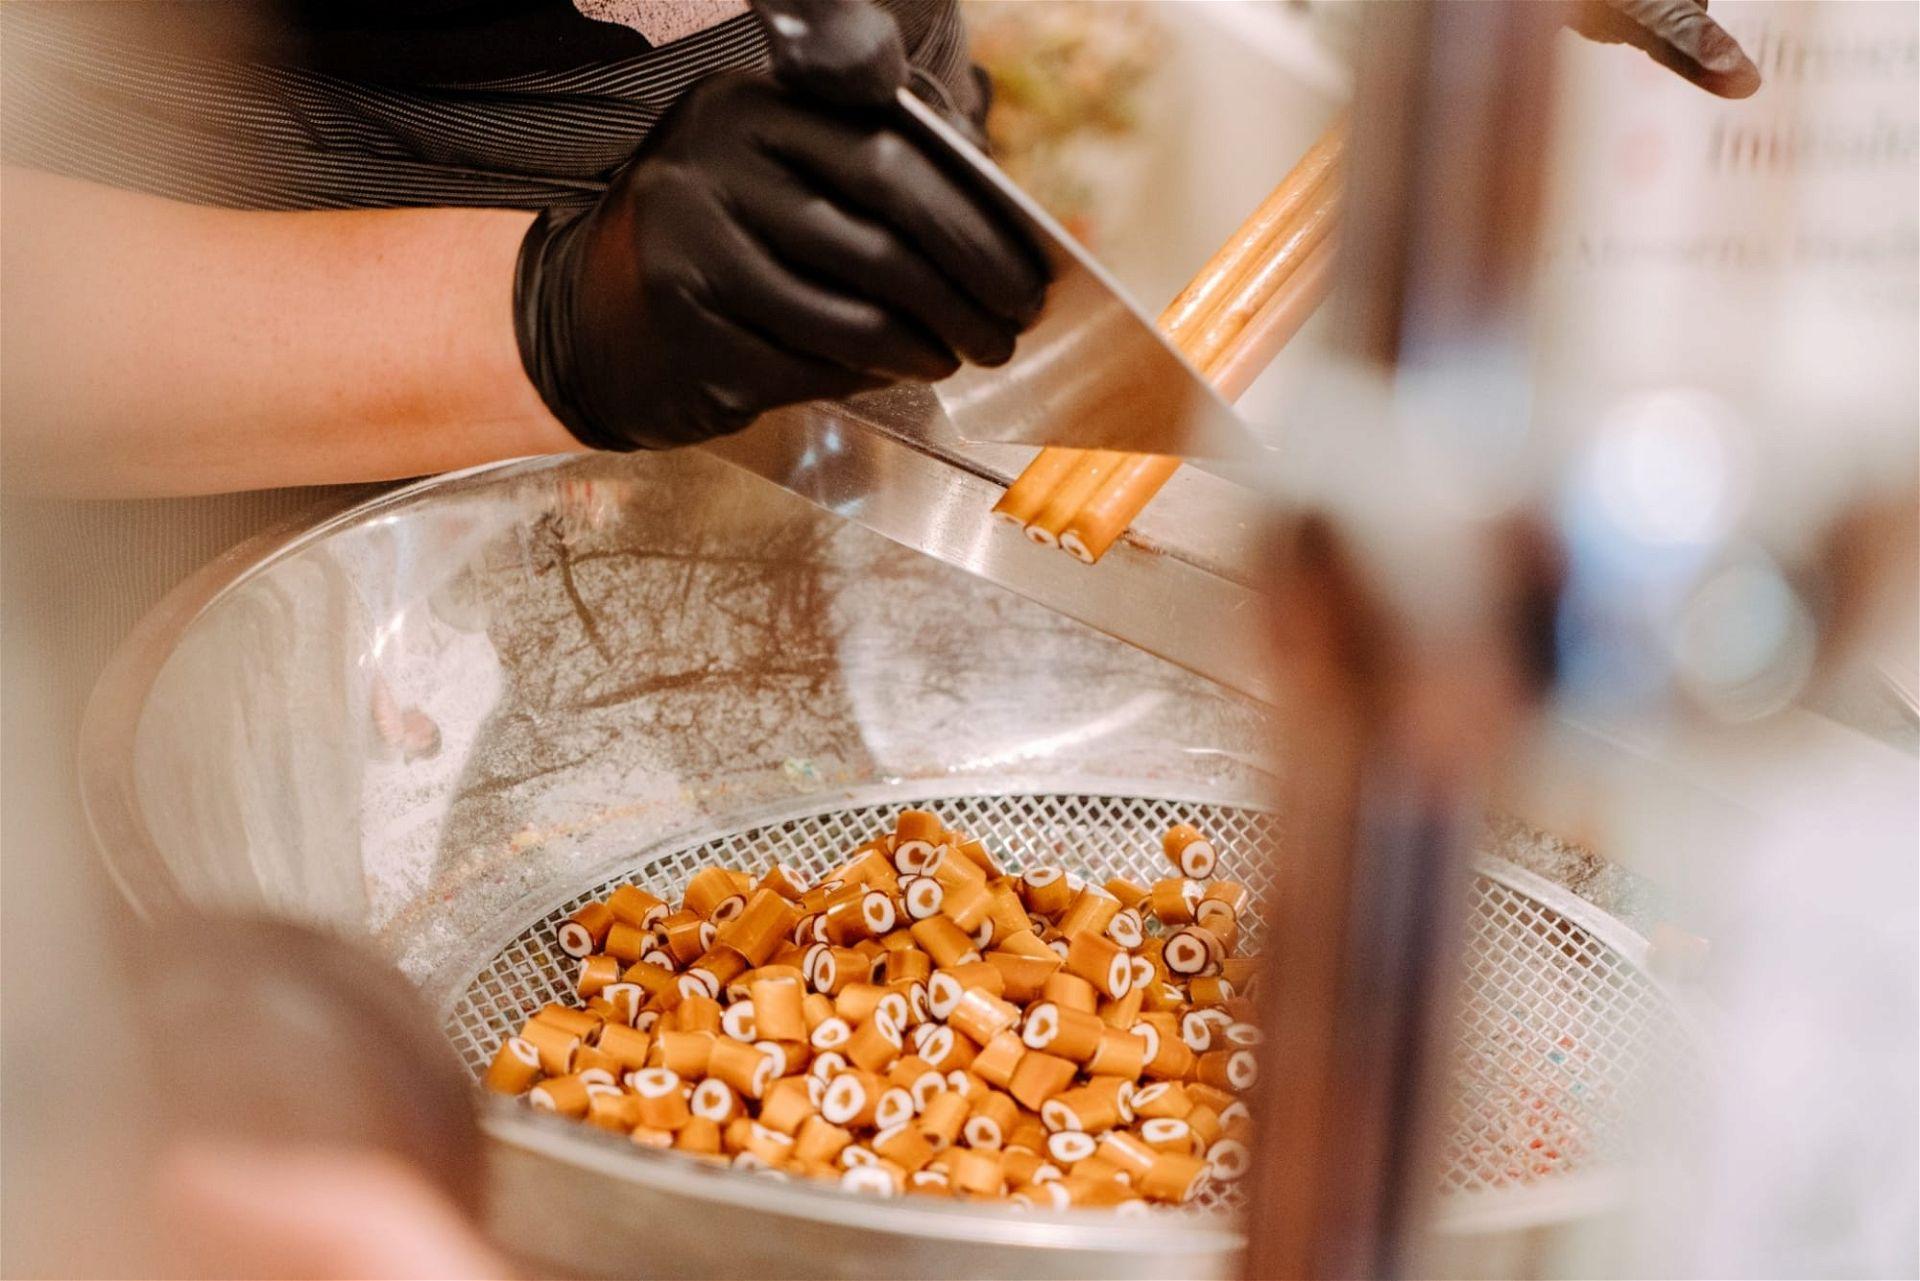 Als letzten Schritt in der Herstellung werden aus den langen Stangen einzelne Zuckerl abegschnitten - (c) Ines Futterknecht